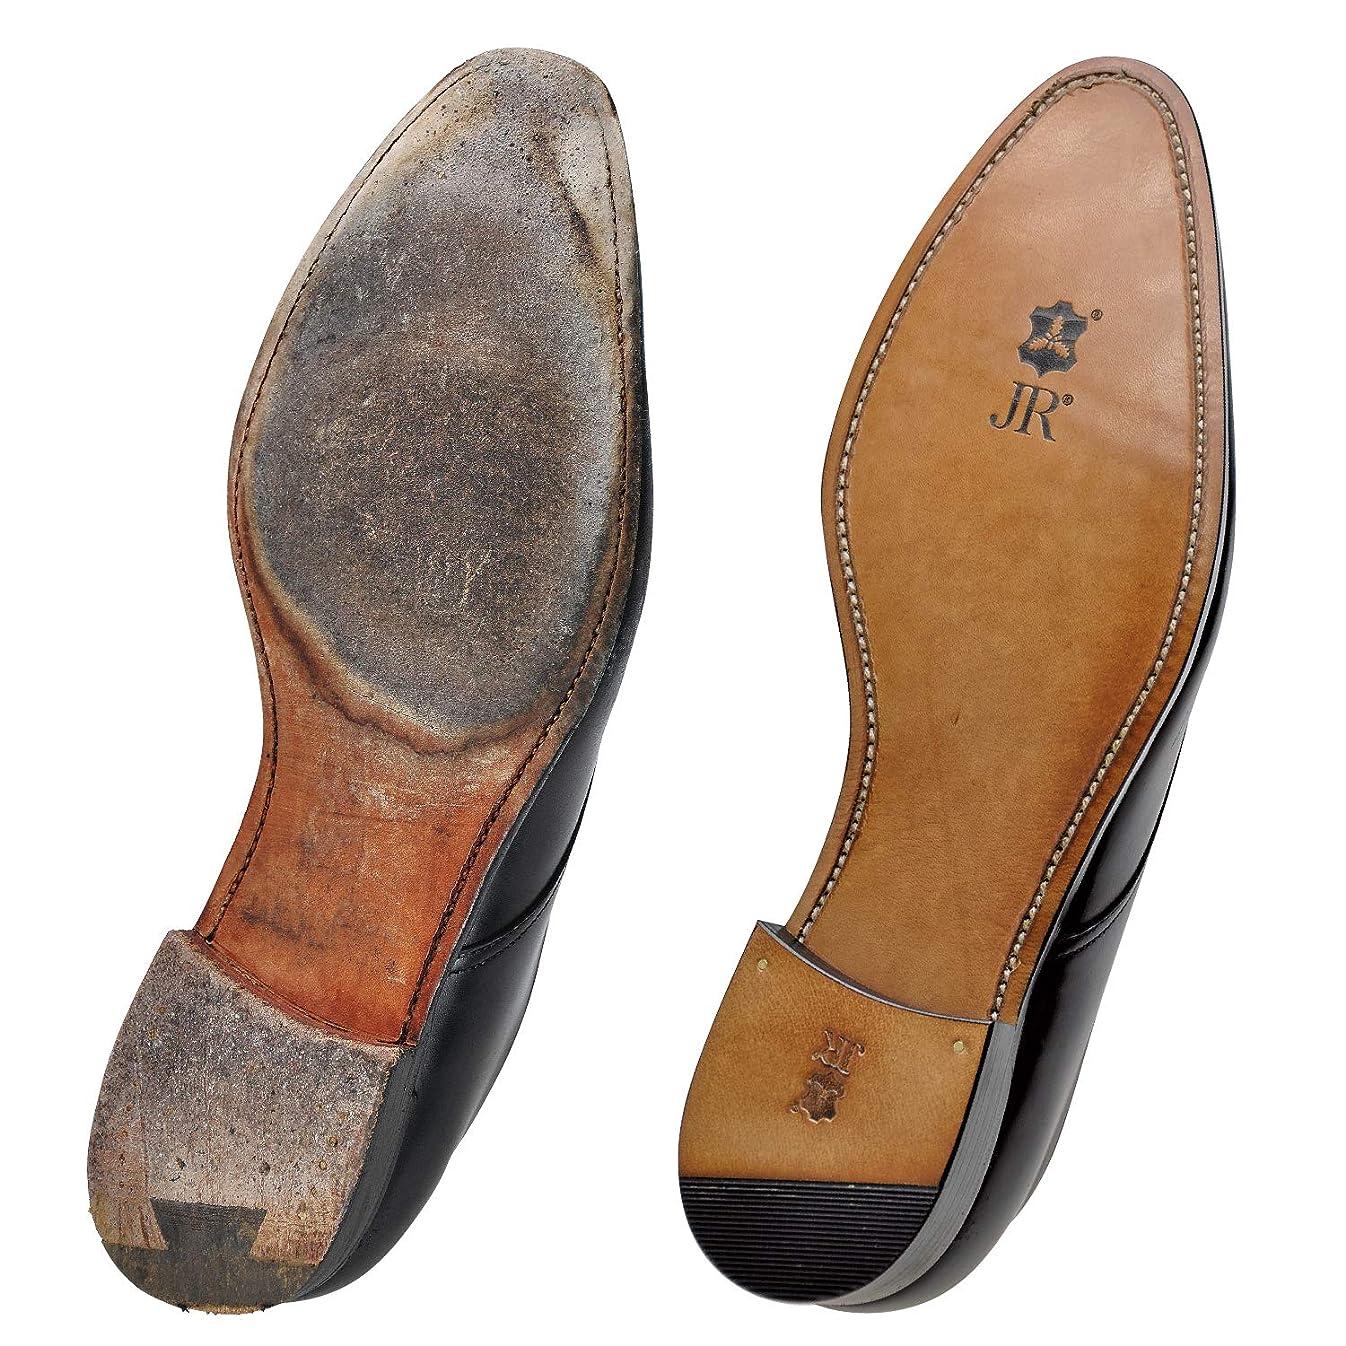 歩き回るなかなか生理[ミスターミニット] 宅配靴修理サービス Shoe Repair <メンズ> オールソール 靴底まるごと張り替え【革】+磨きコース 1足